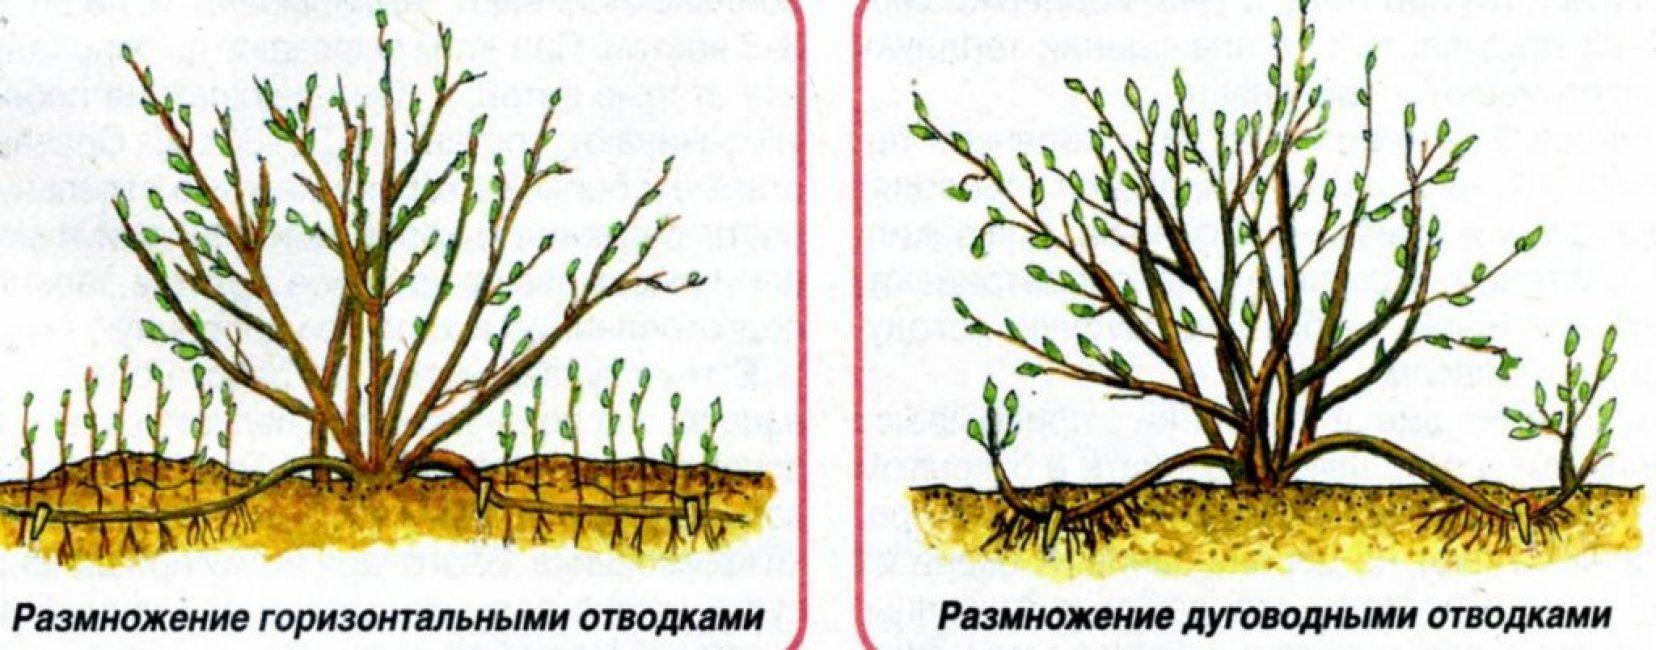 Два способами размножения отводками